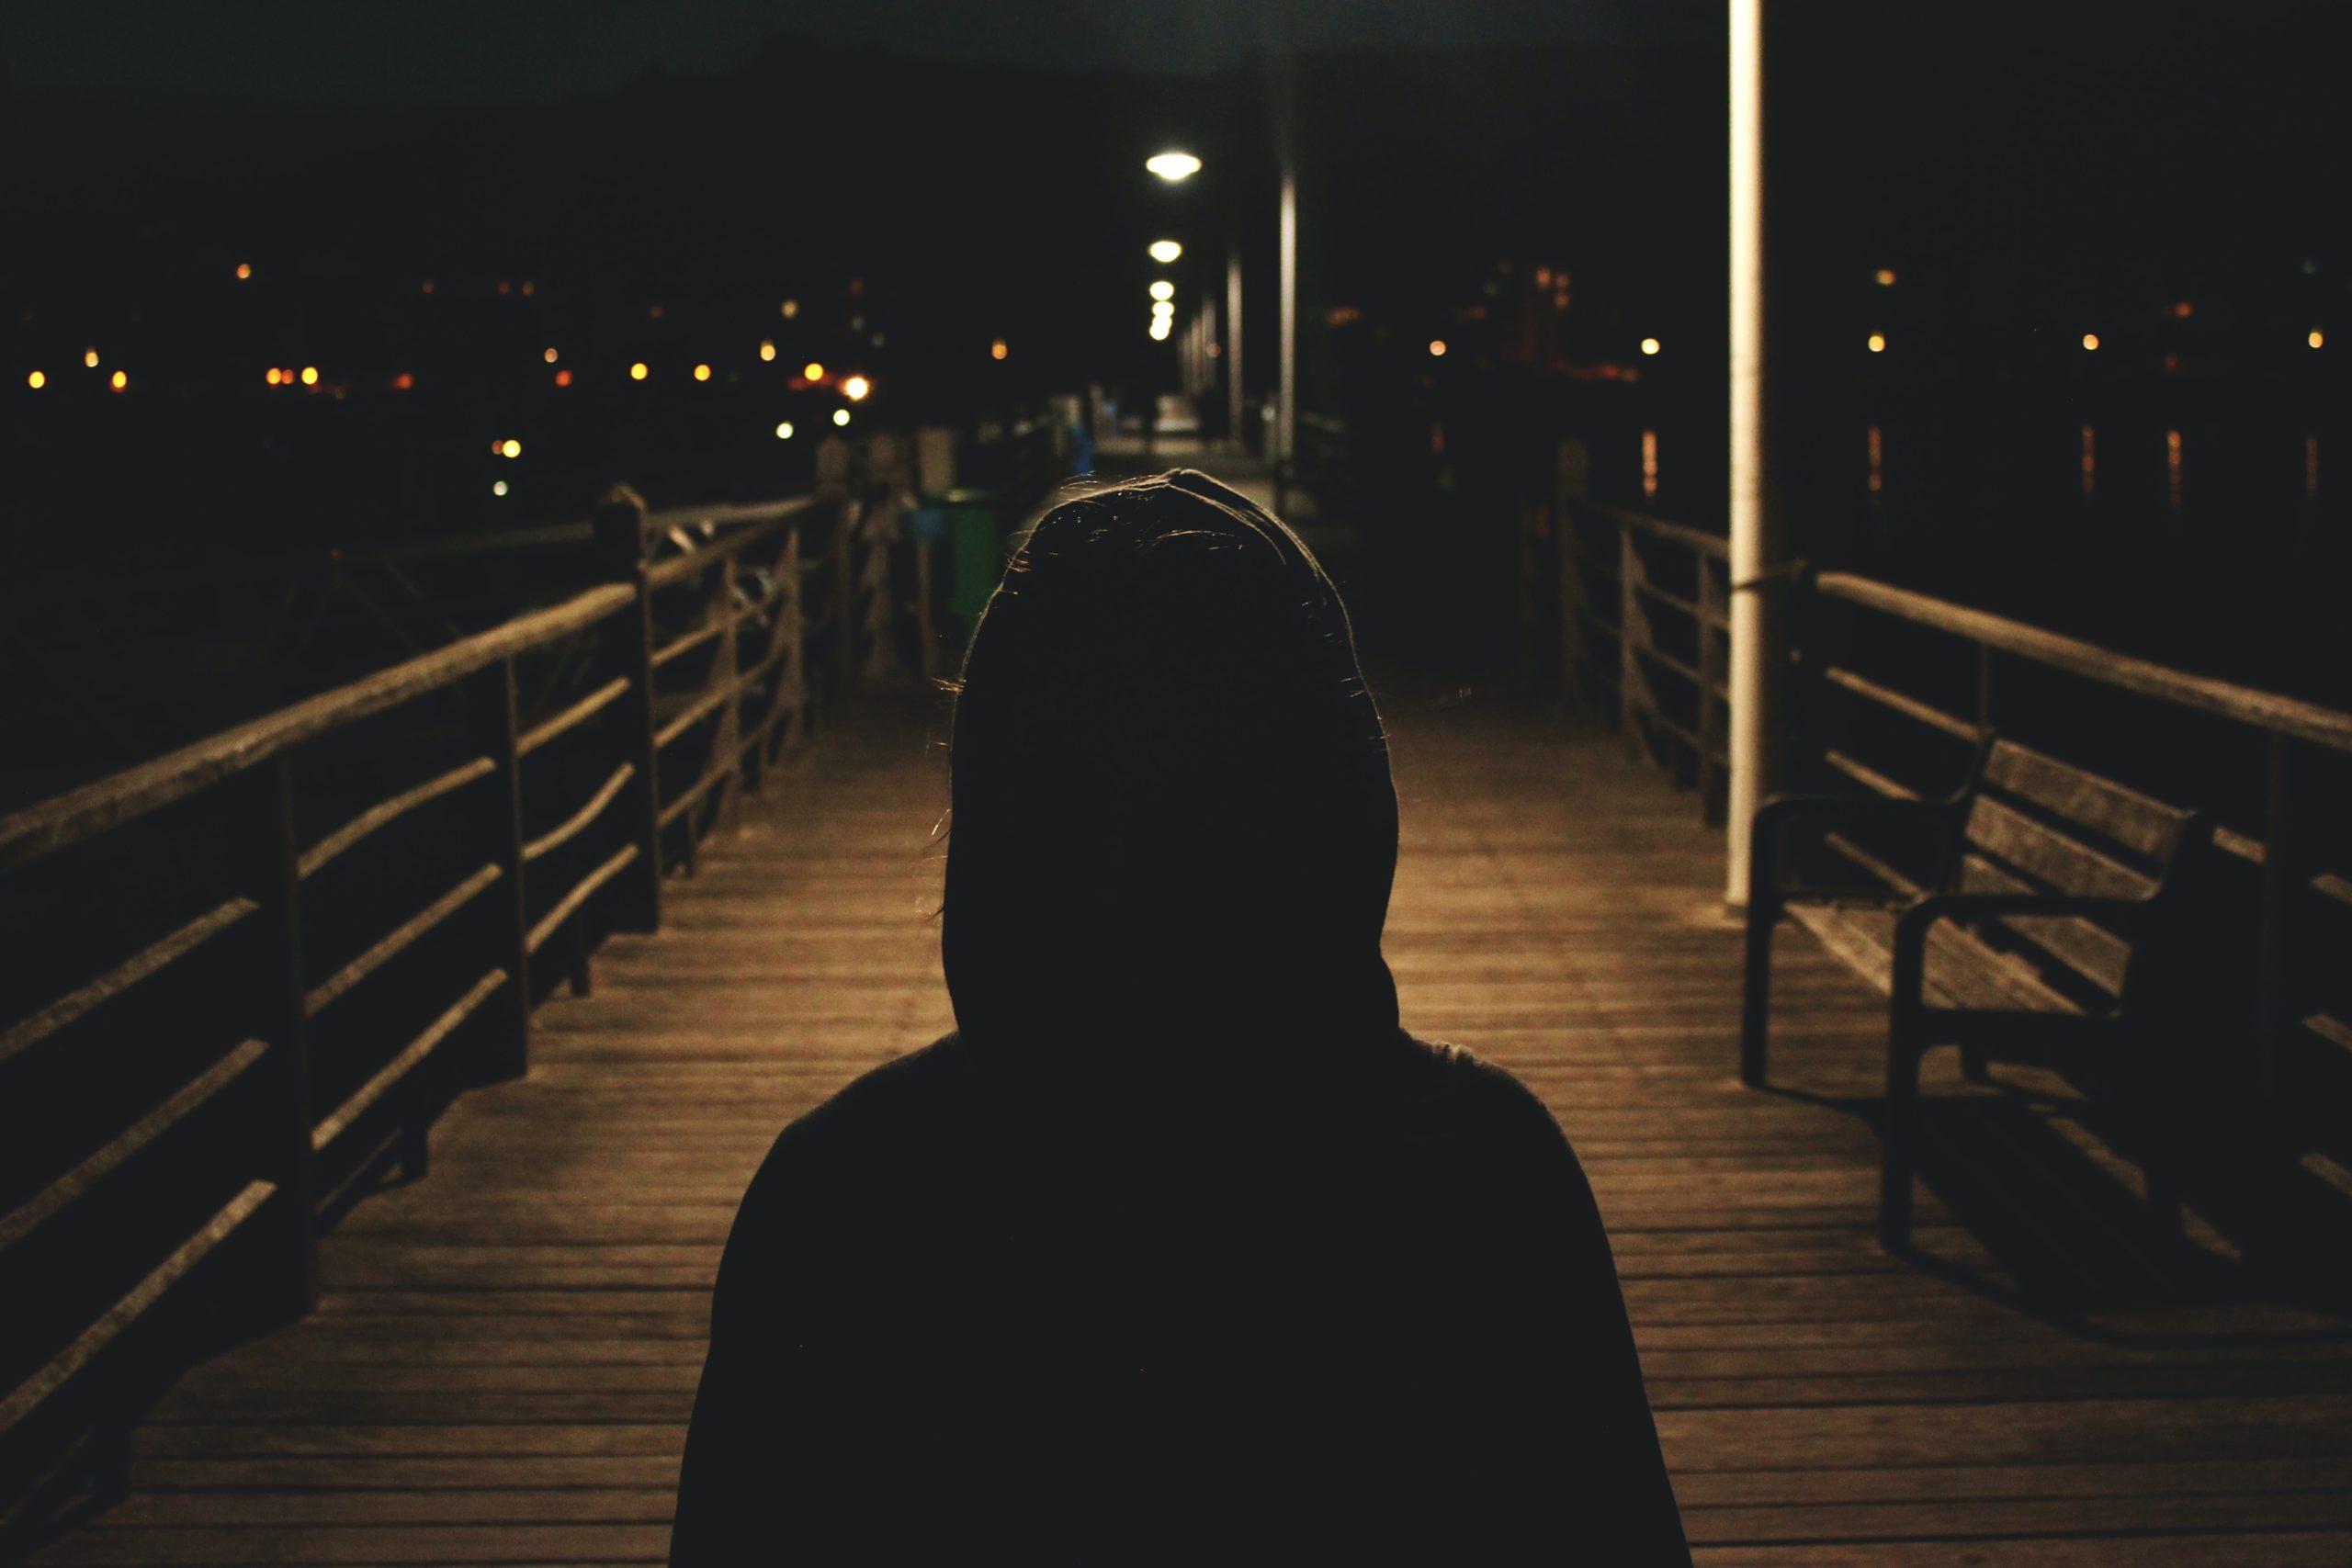 Um homem se sentindo perdido pois está com muitas vozes negativas em sua cabeça